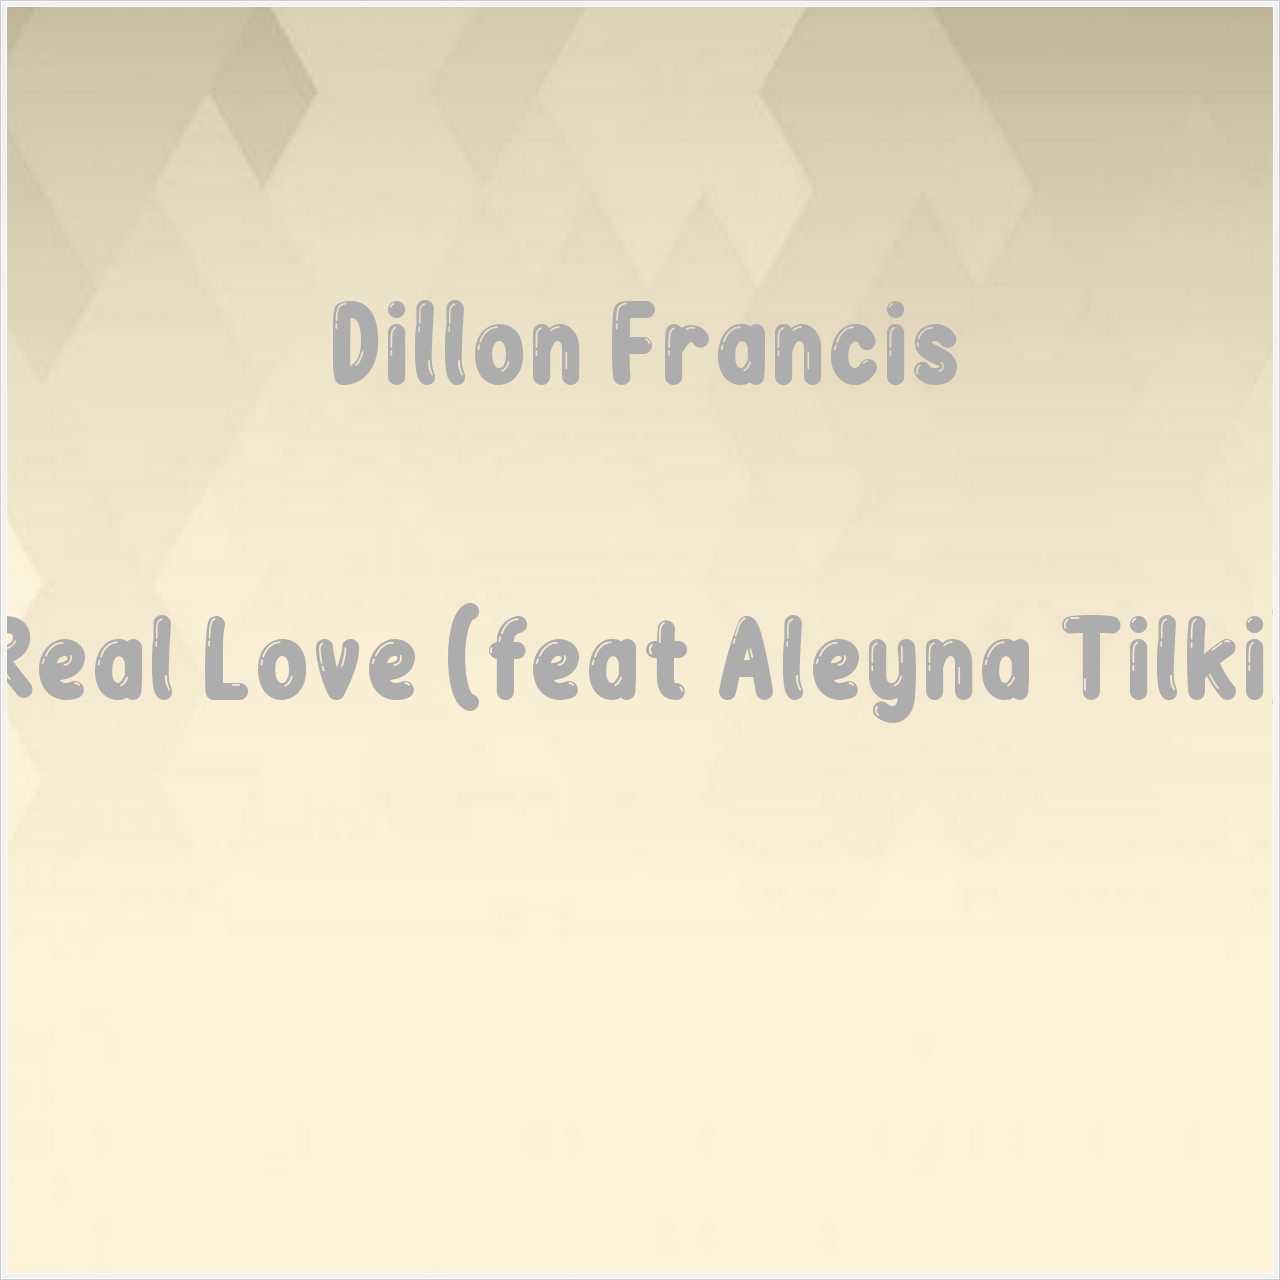 دانلود آهنگ جدید Dillon Francis به نام Real Love (feat Aleyna Tilki)